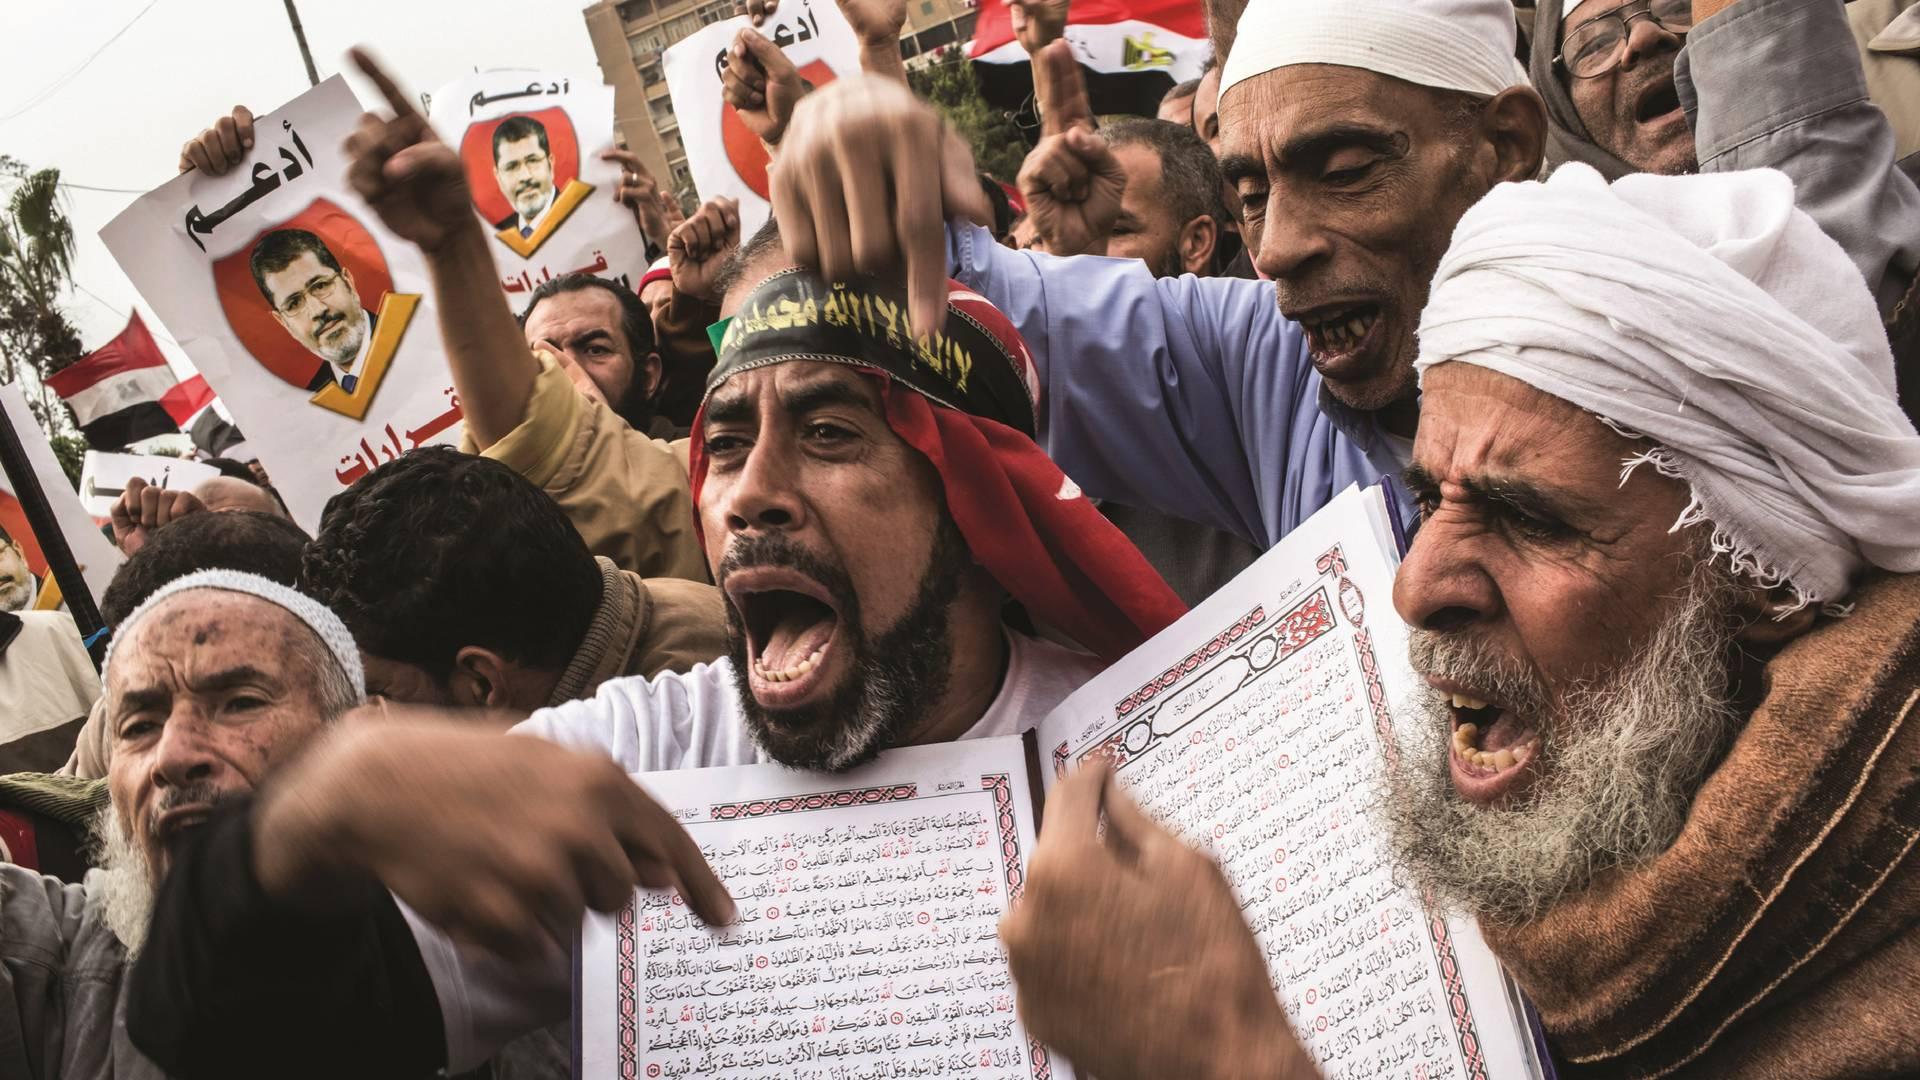 Протесты «Братьев-мусульман»* в Каире 14 декабря 2012 г.